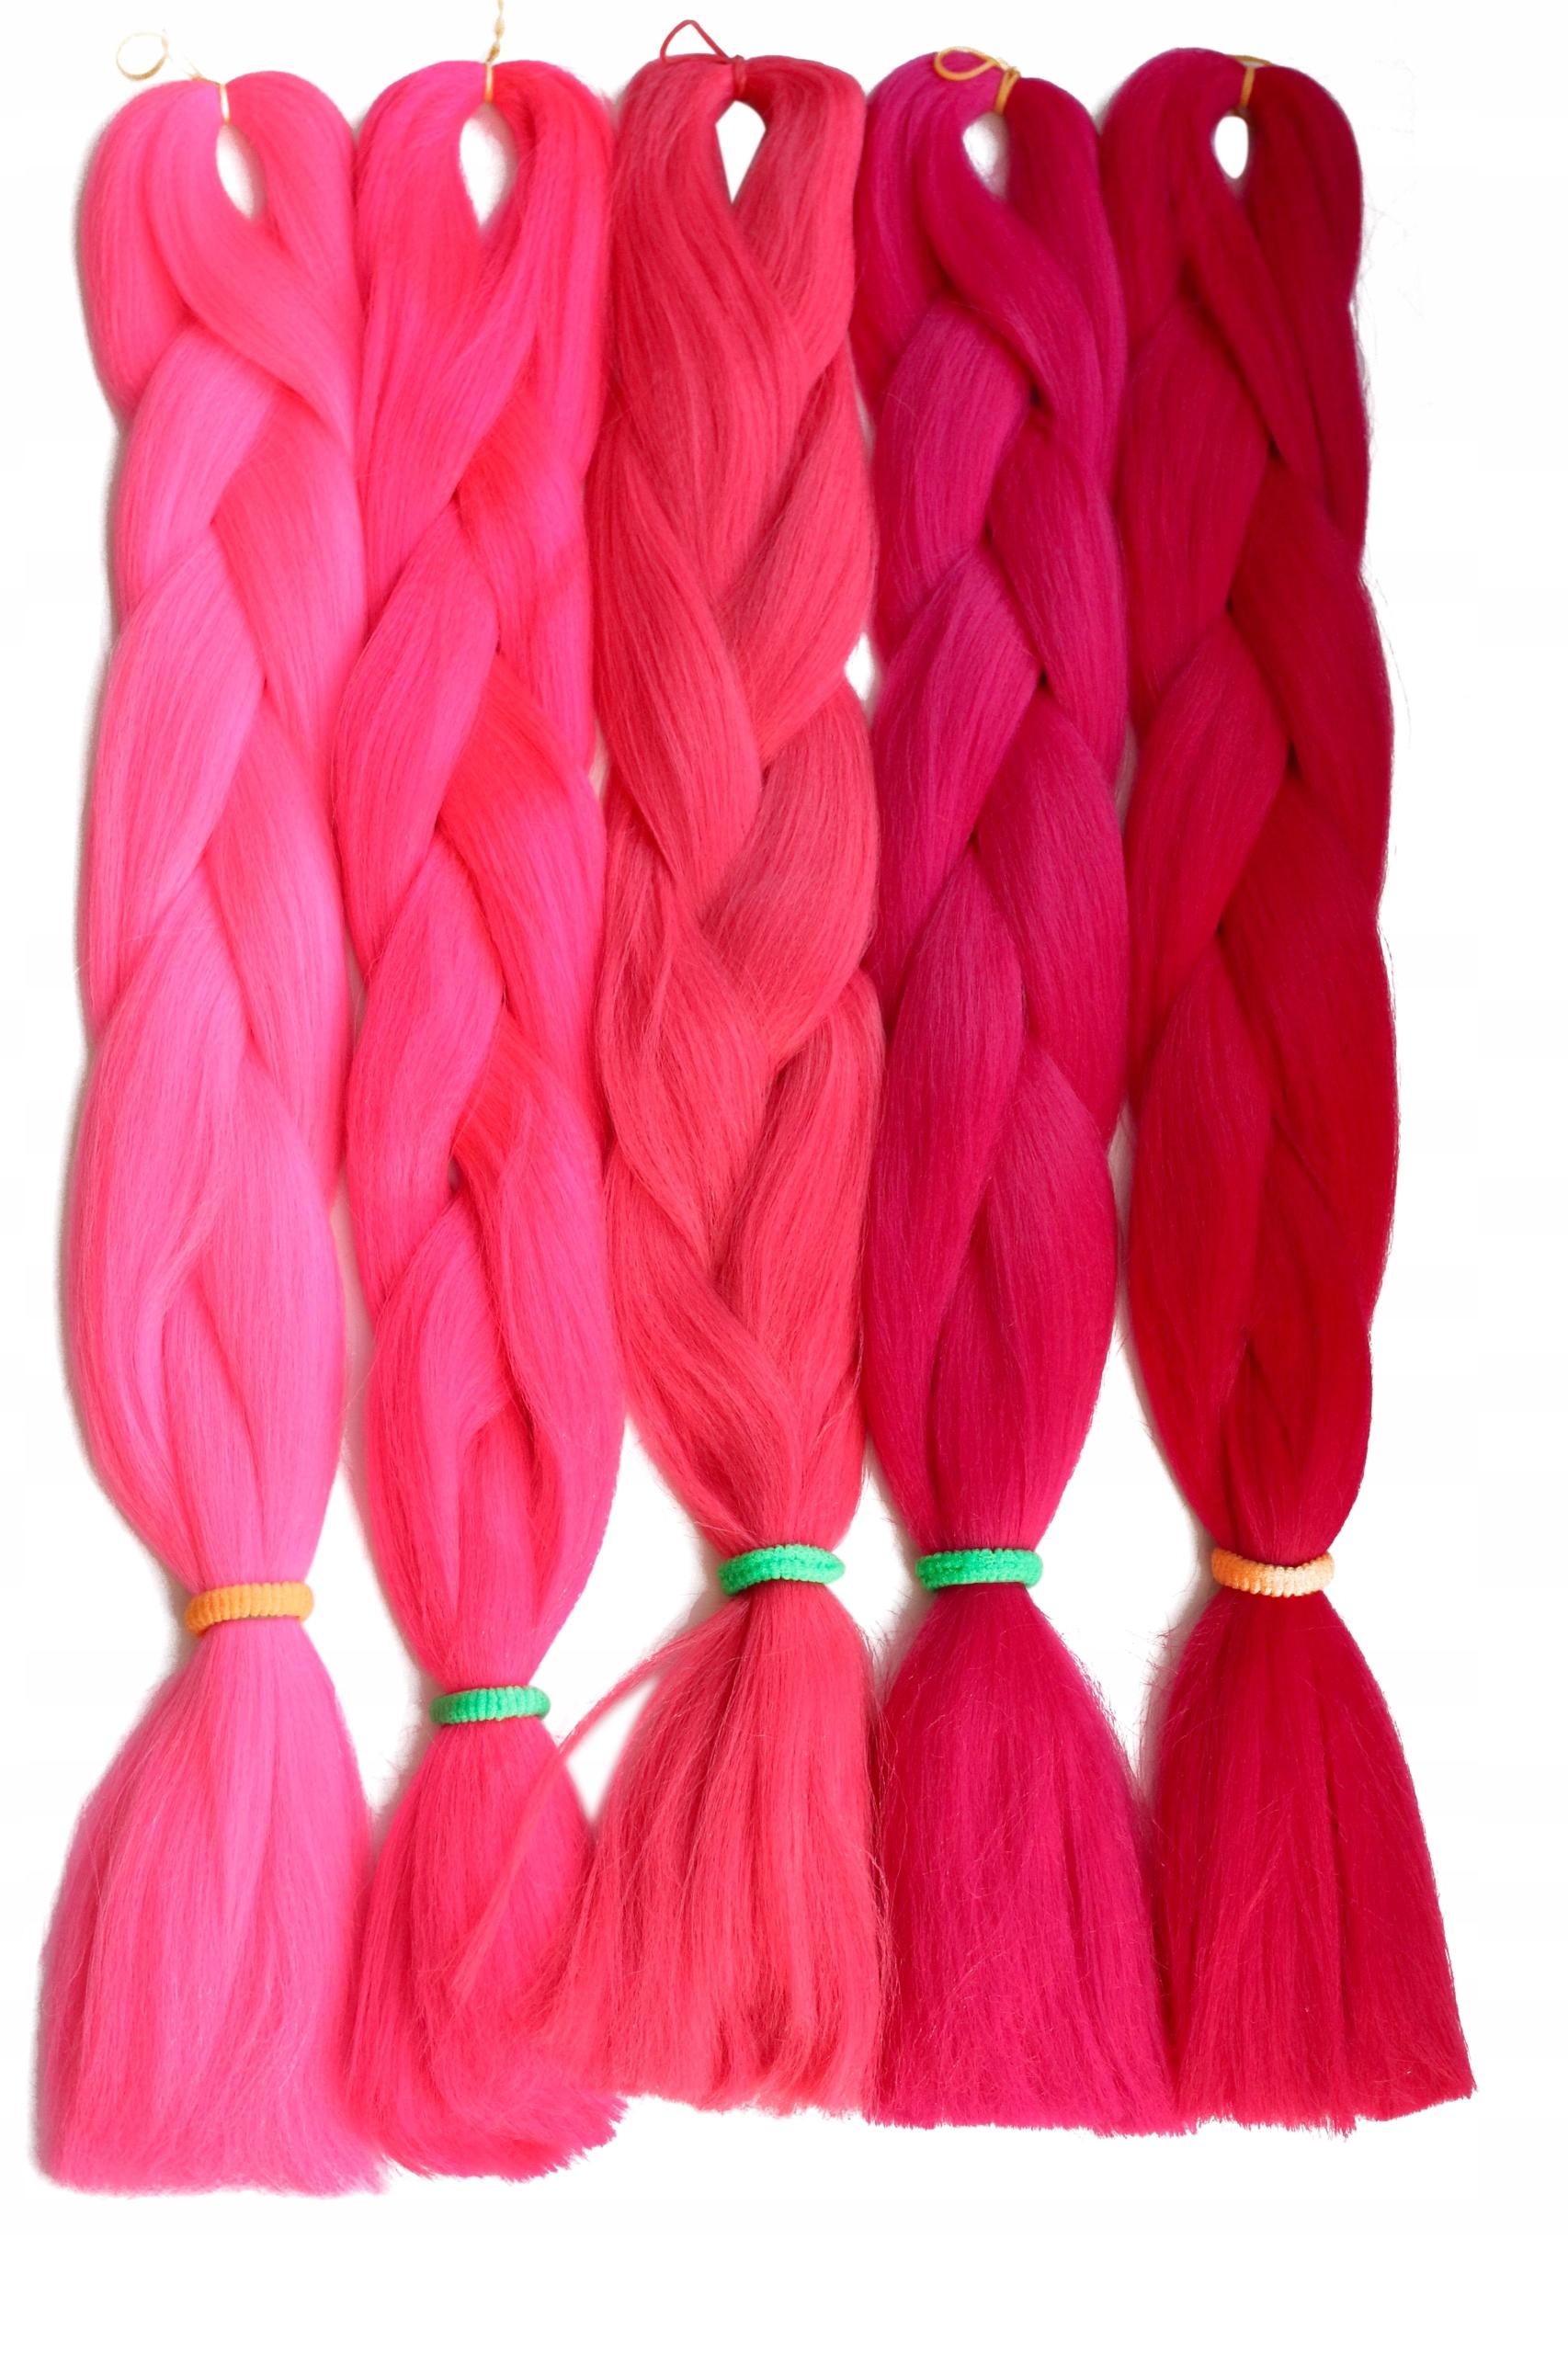 Синтетические волосы, окрашенные косичками, 64 цвета